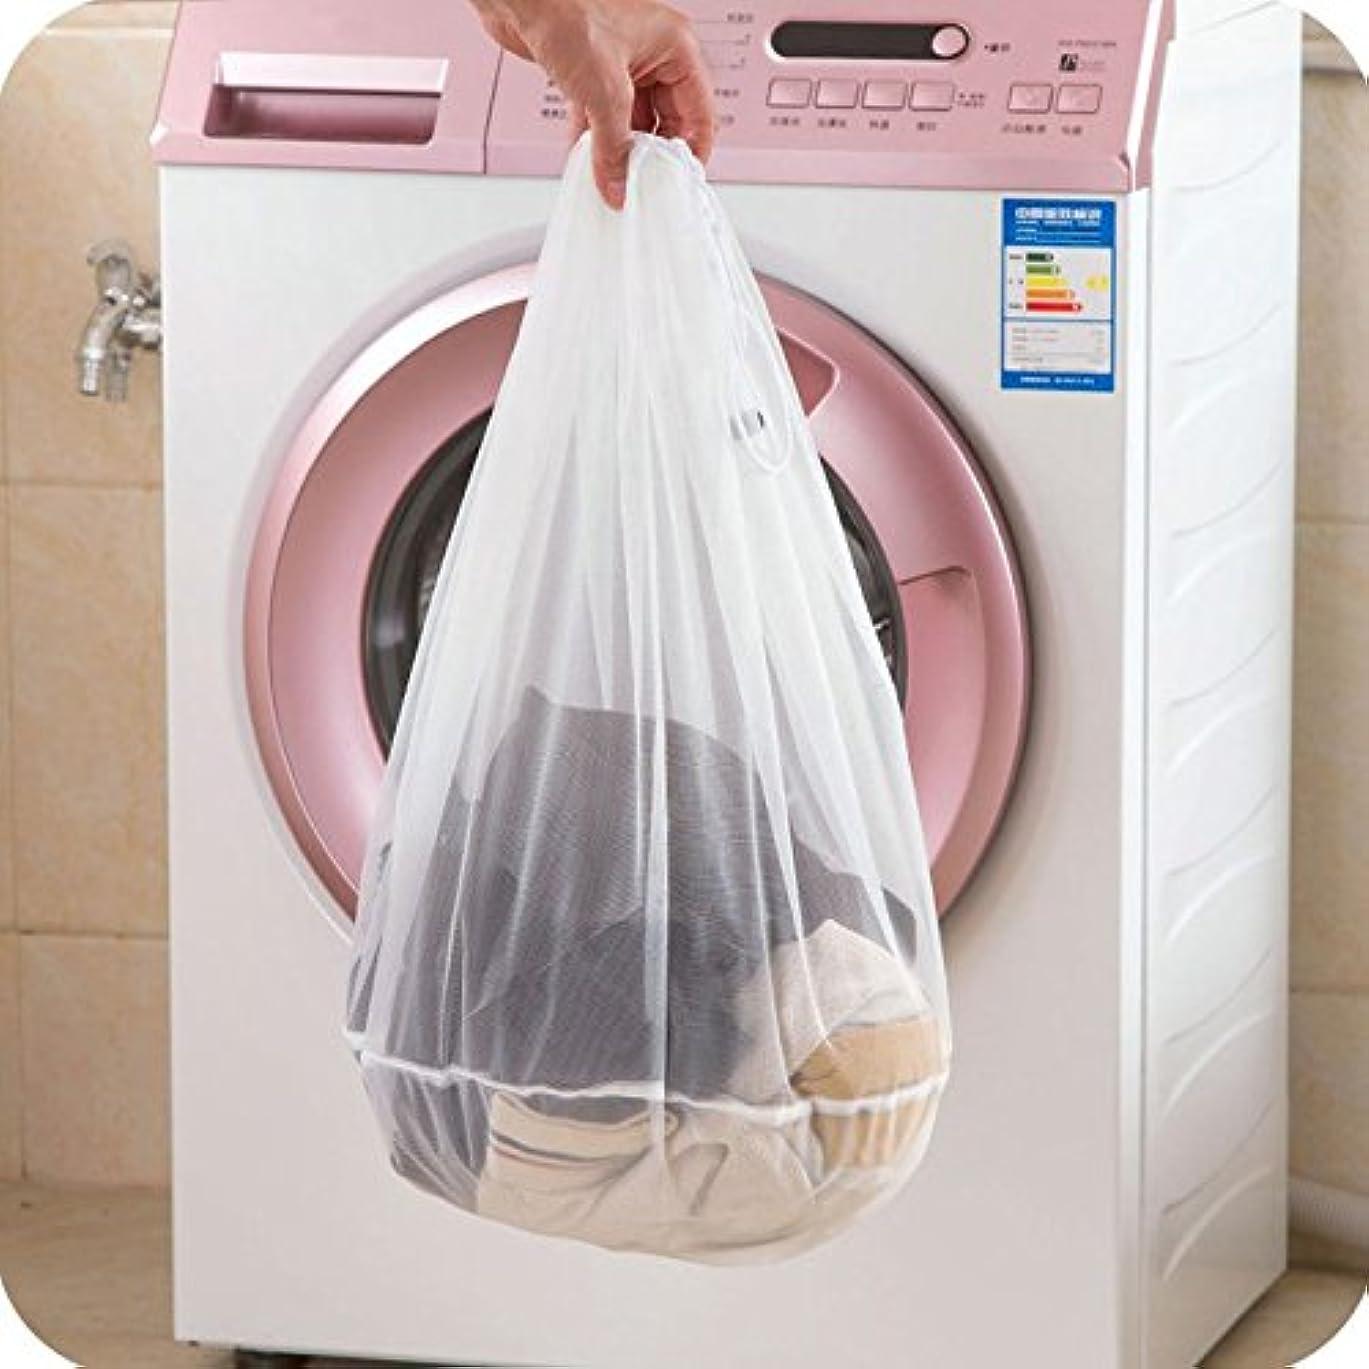 数寛大さ含むguoyihuaメッシュランドリーバッグ、ホワイトメッシュ素材ドローストリング開閉。理想的なマシン洗濯可能メッシュランドリーバッグ工場、大学、寮、アパートDwellers L 107551XAVA09B